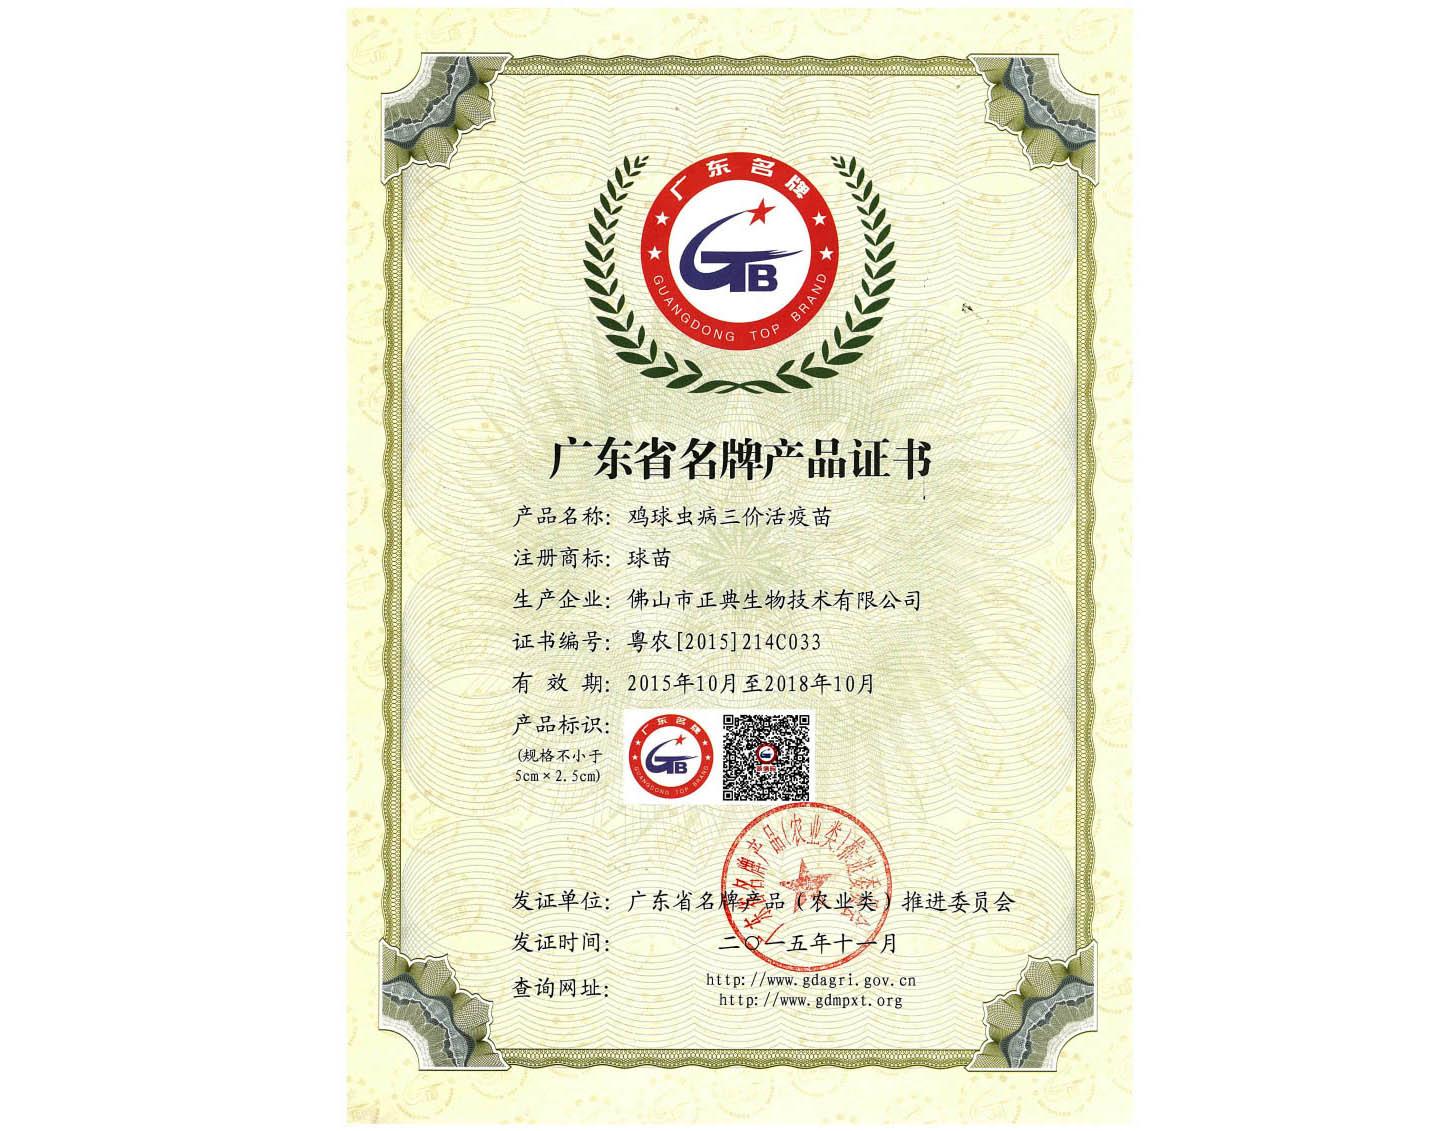 广东省名牌产品证书-鸡球虫病三价活疫苗-2015